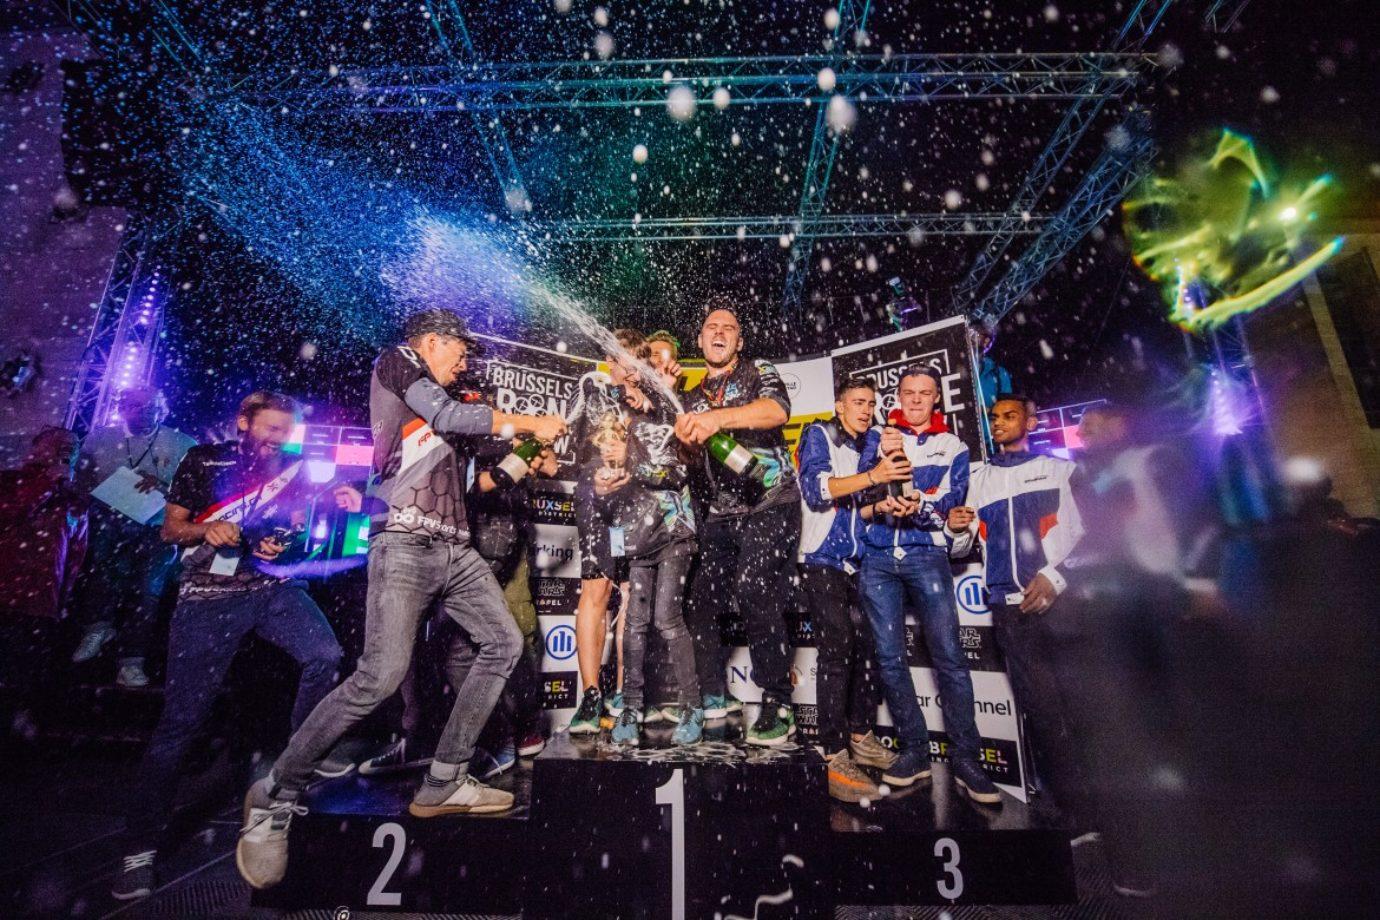 ヨーロッパ最高峰のドローンリーグ『DRONE CHAMPIONS LEAGUE』へ日本初のドローンレースチームとして参戦決定!!